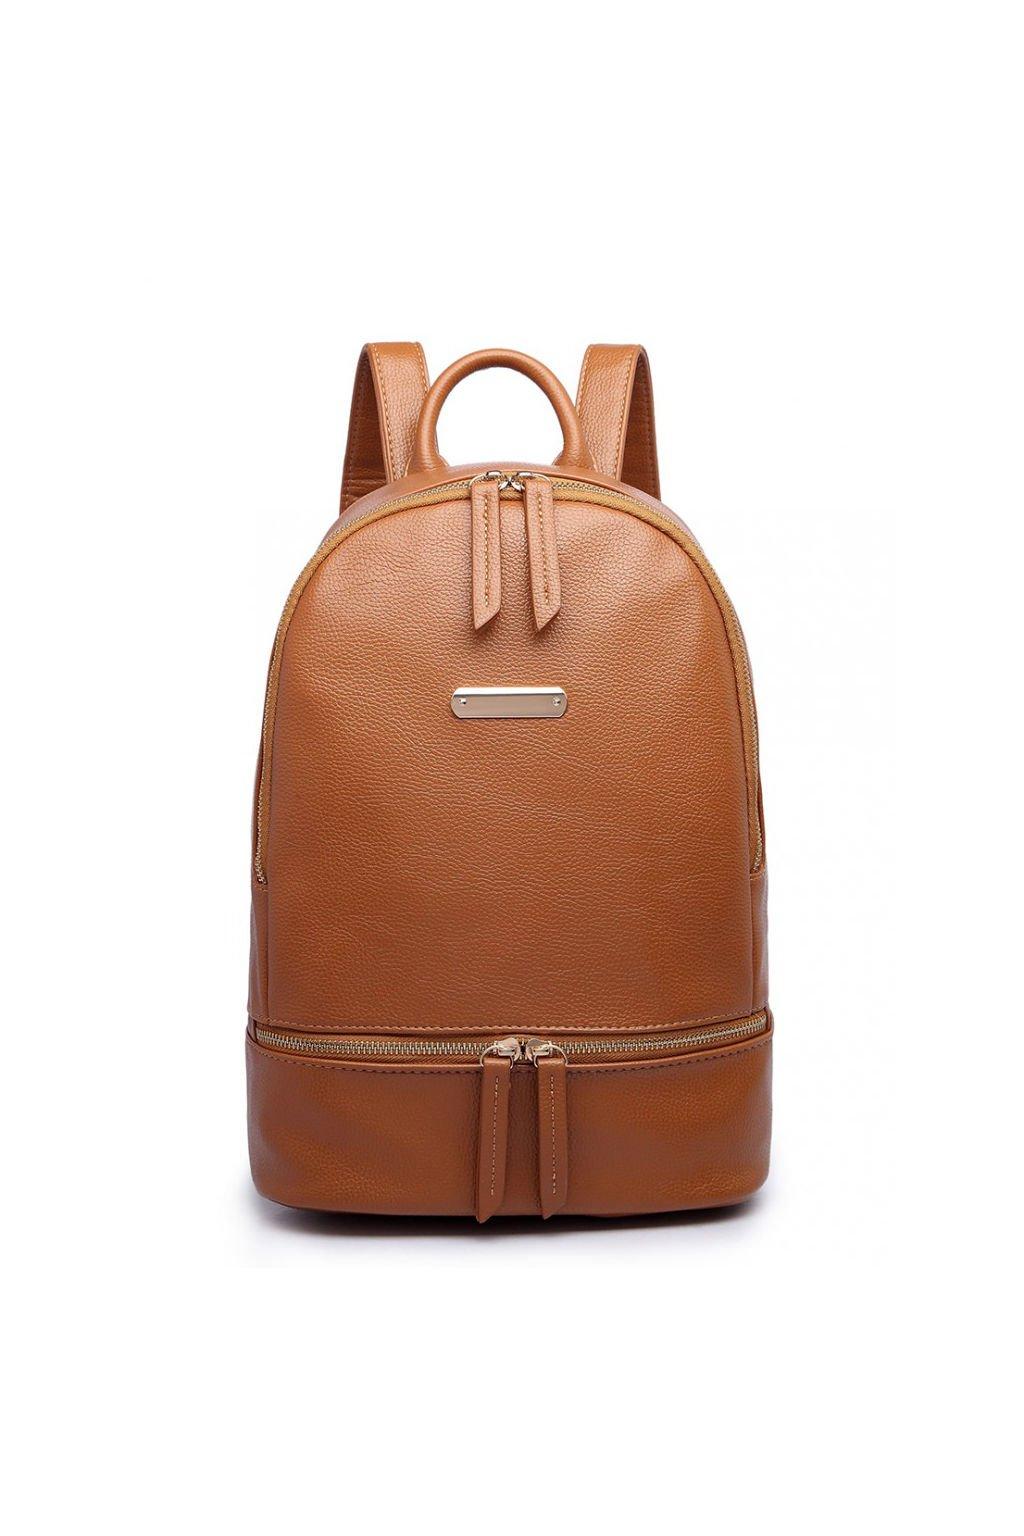 Elegantní hnědý batoh z eko kůže Miss Lulu